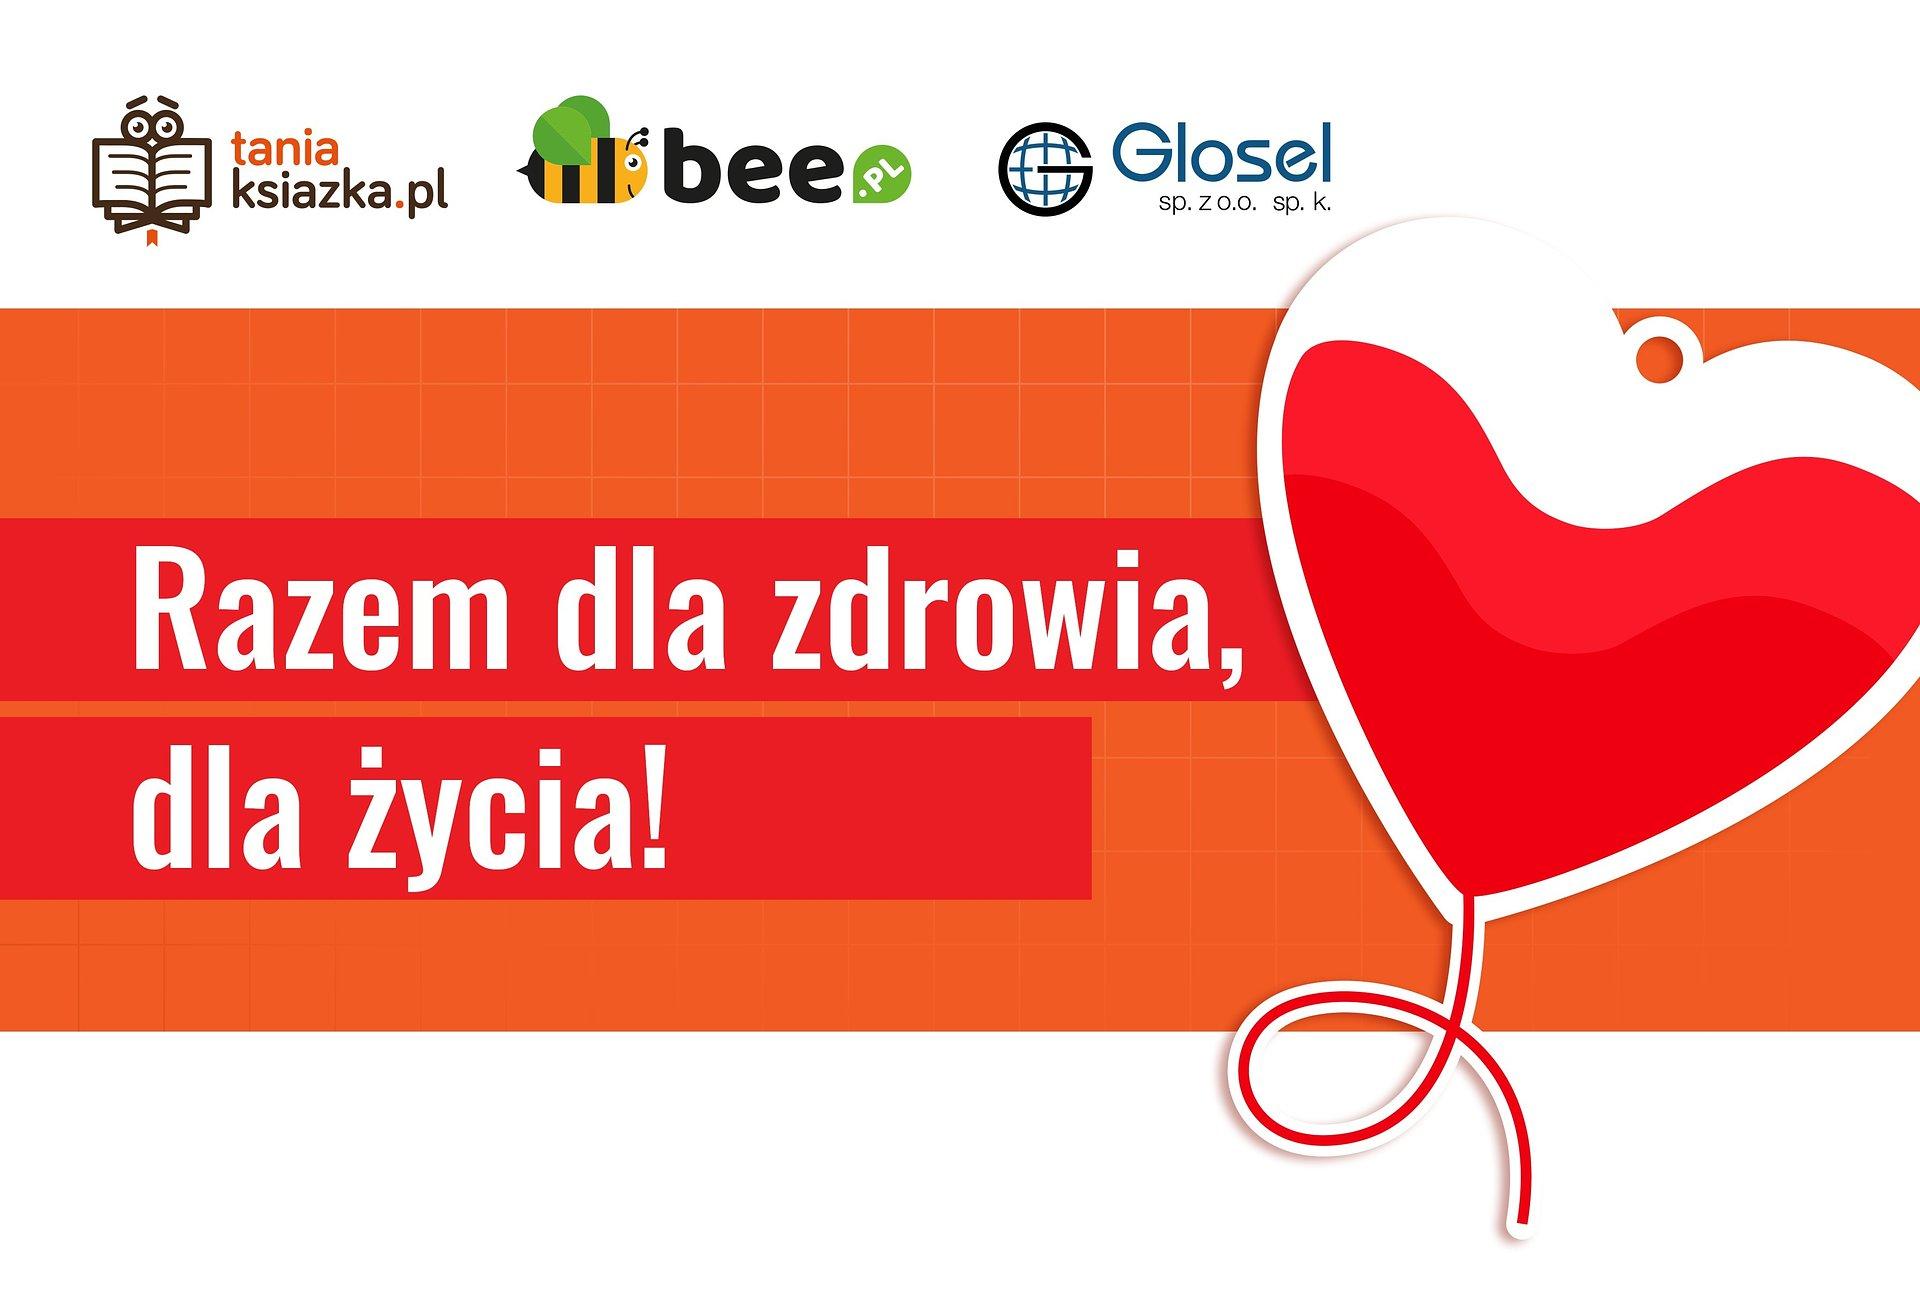 Glosel wspiera dawców krwi